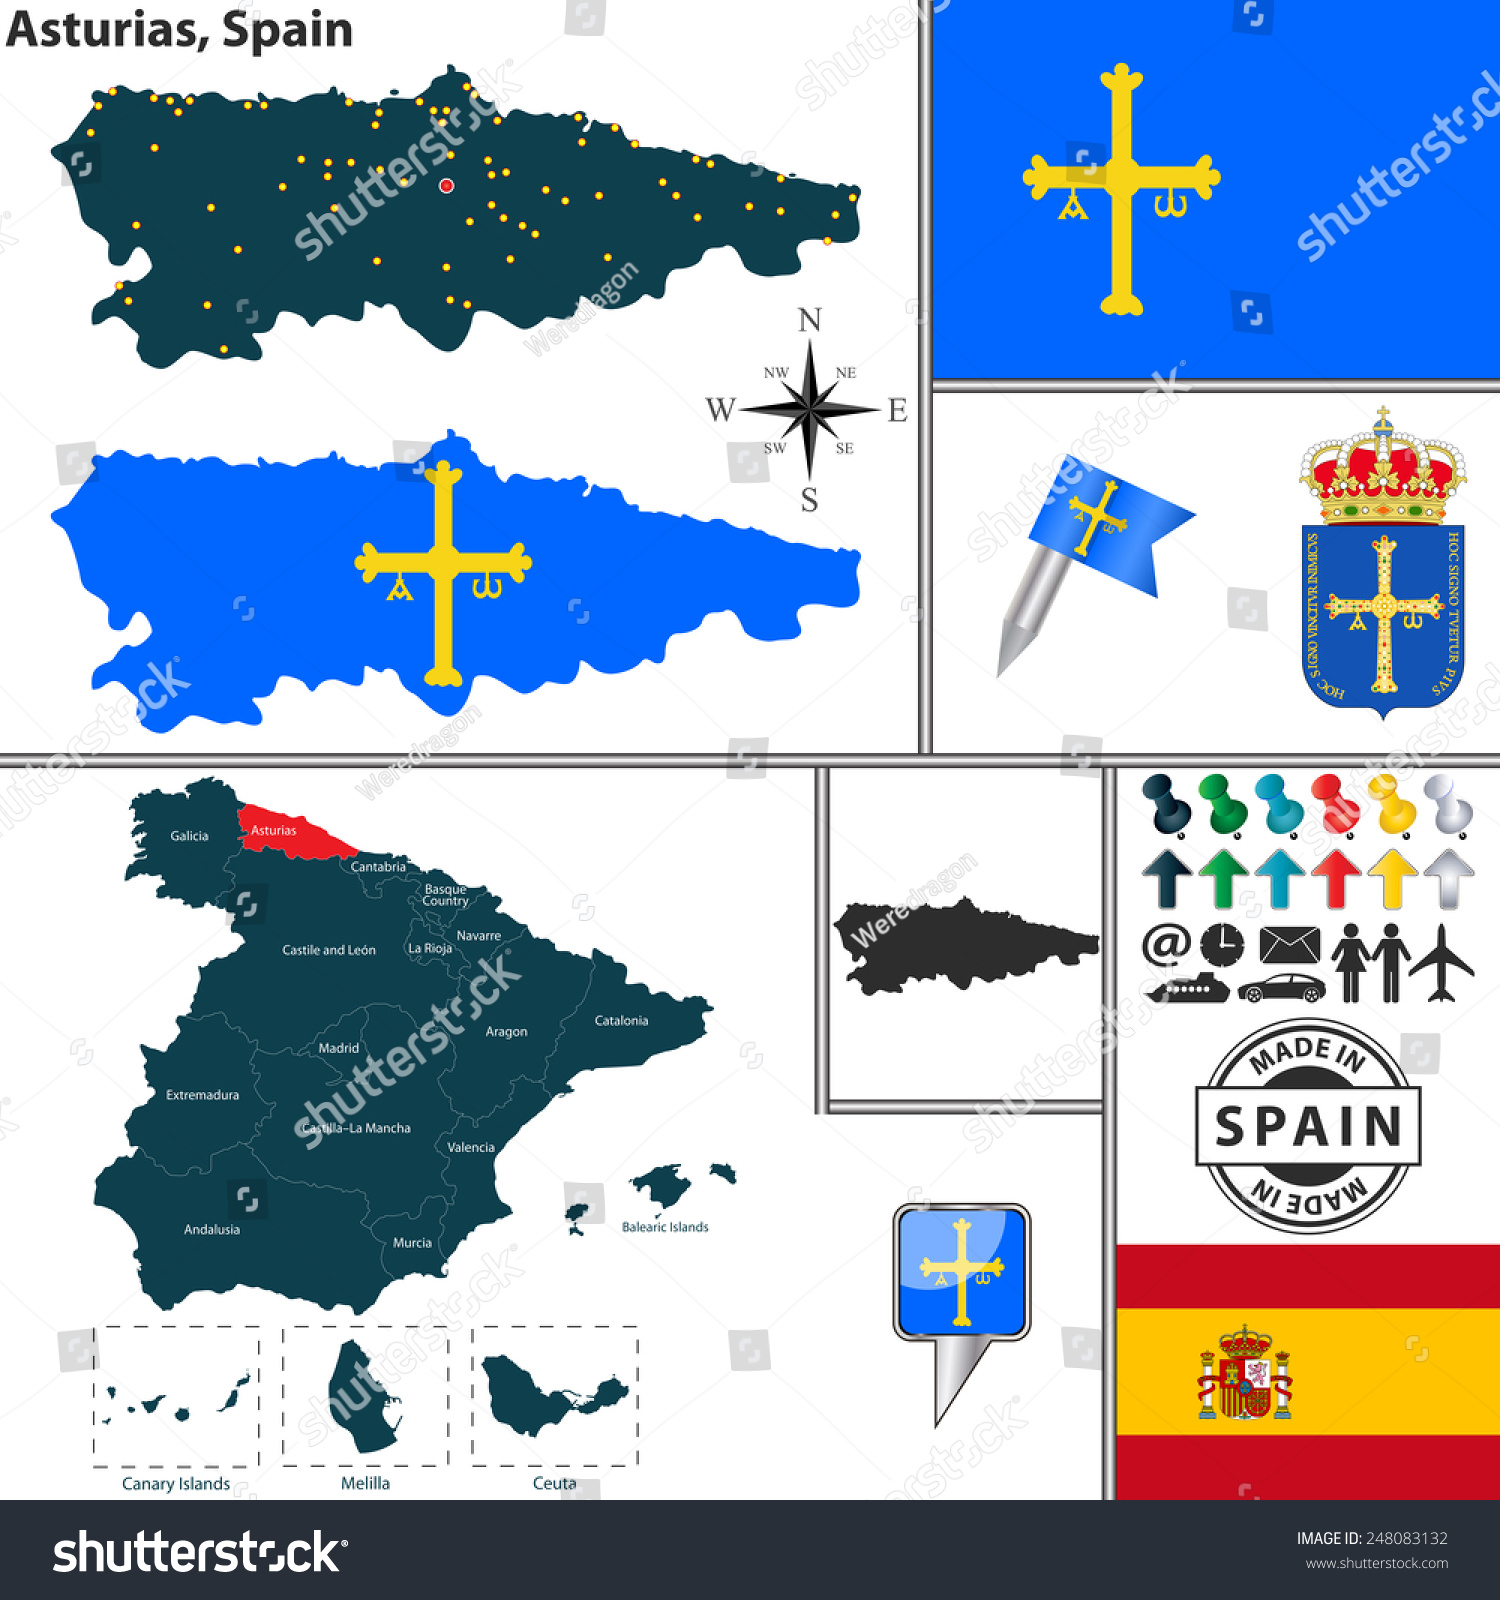 矢量地图的地图上西班牙阿斯图里亚斯的纹章和位置